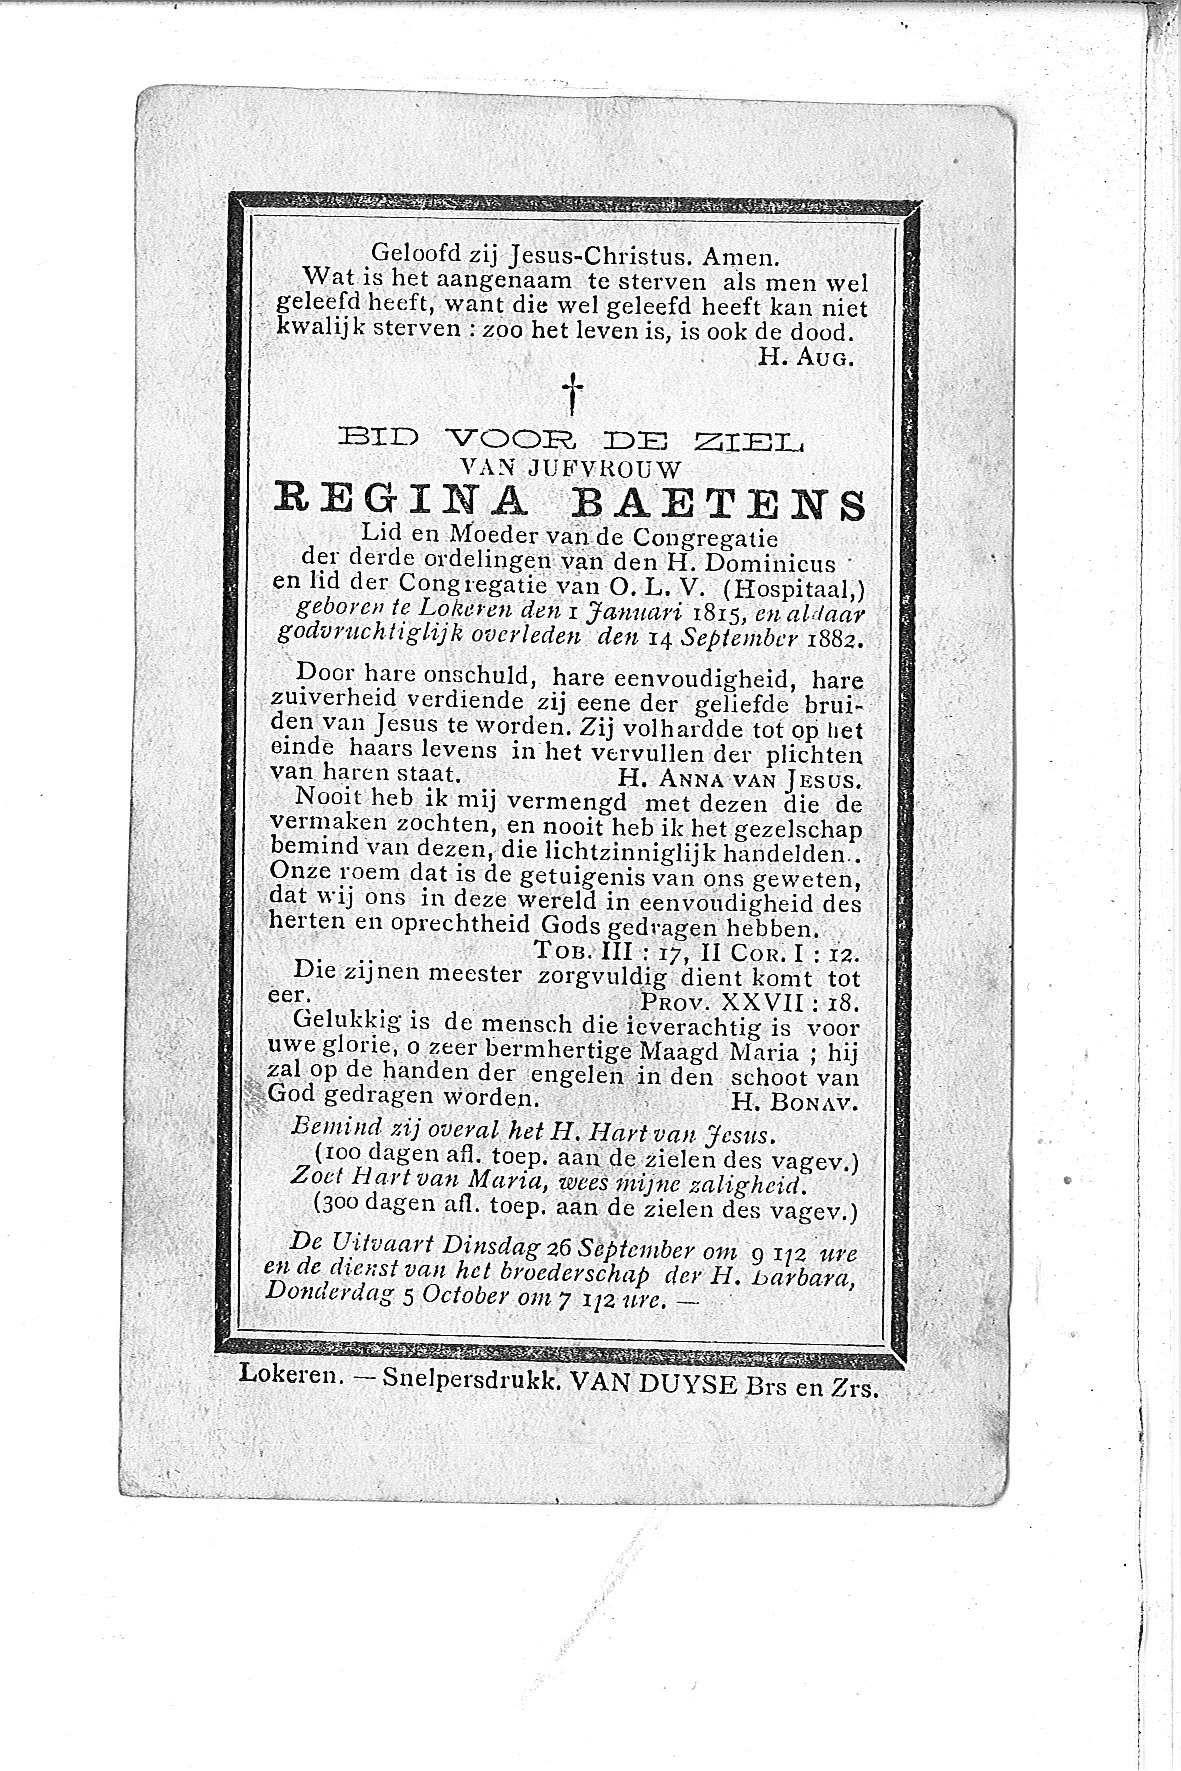 Regina(1882)20101004094730_00004.jpg